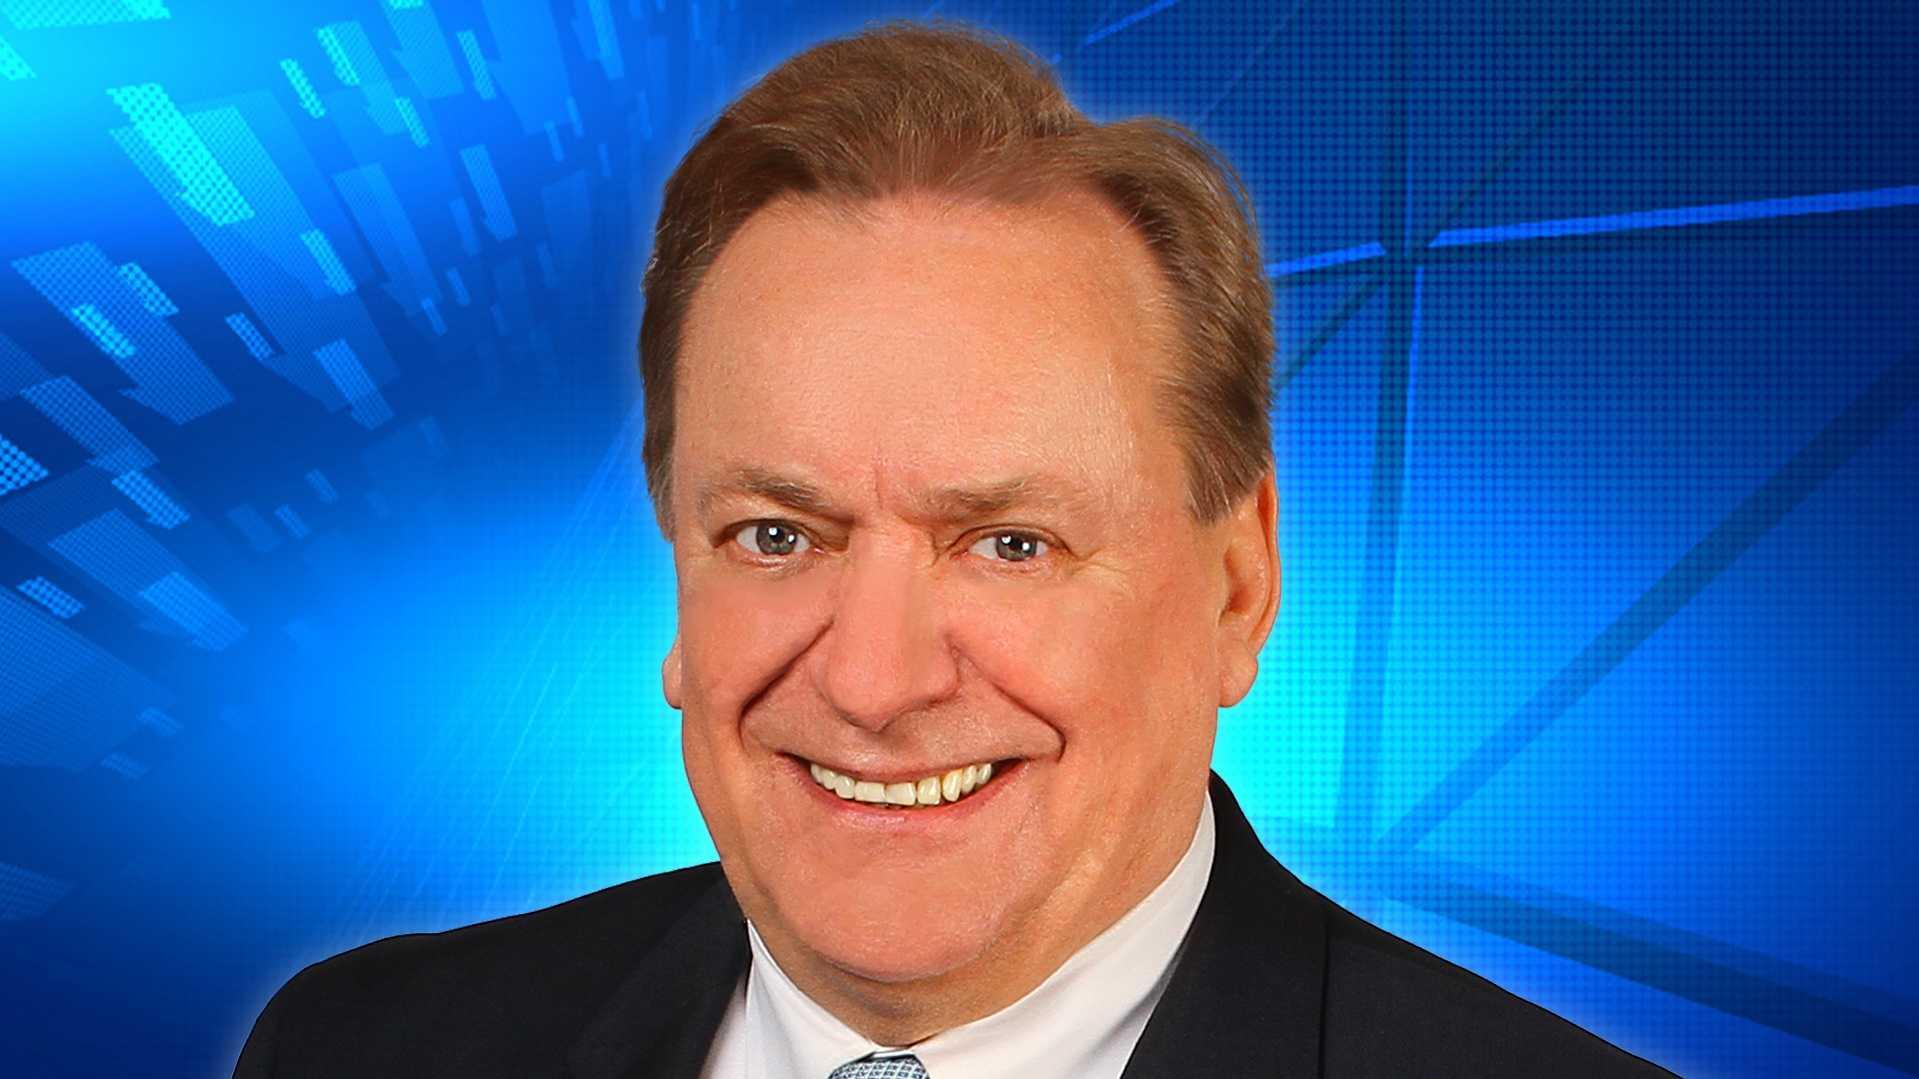 Dennis Lehnen